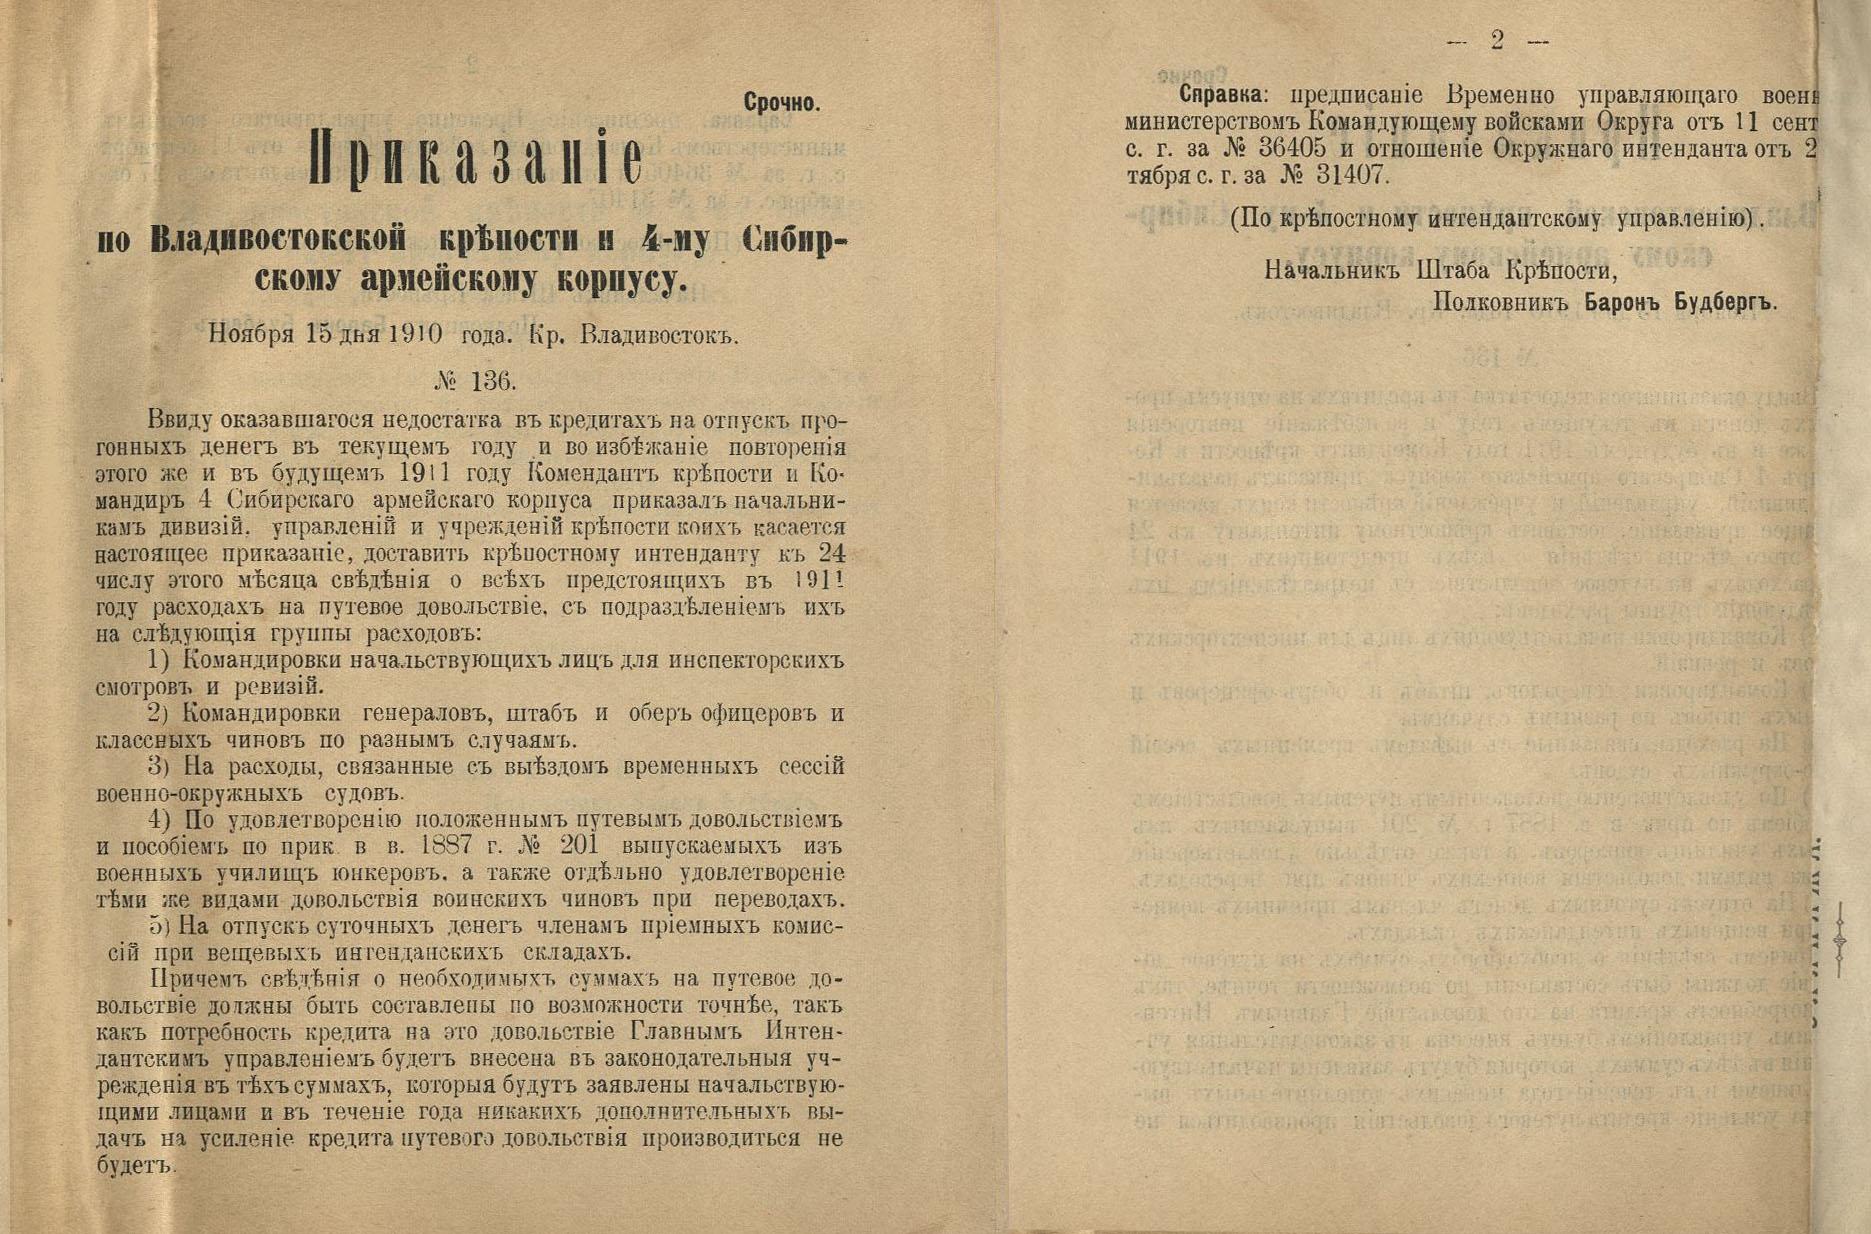 Ноября 15 дня 1910 года. Крепость Владивосток